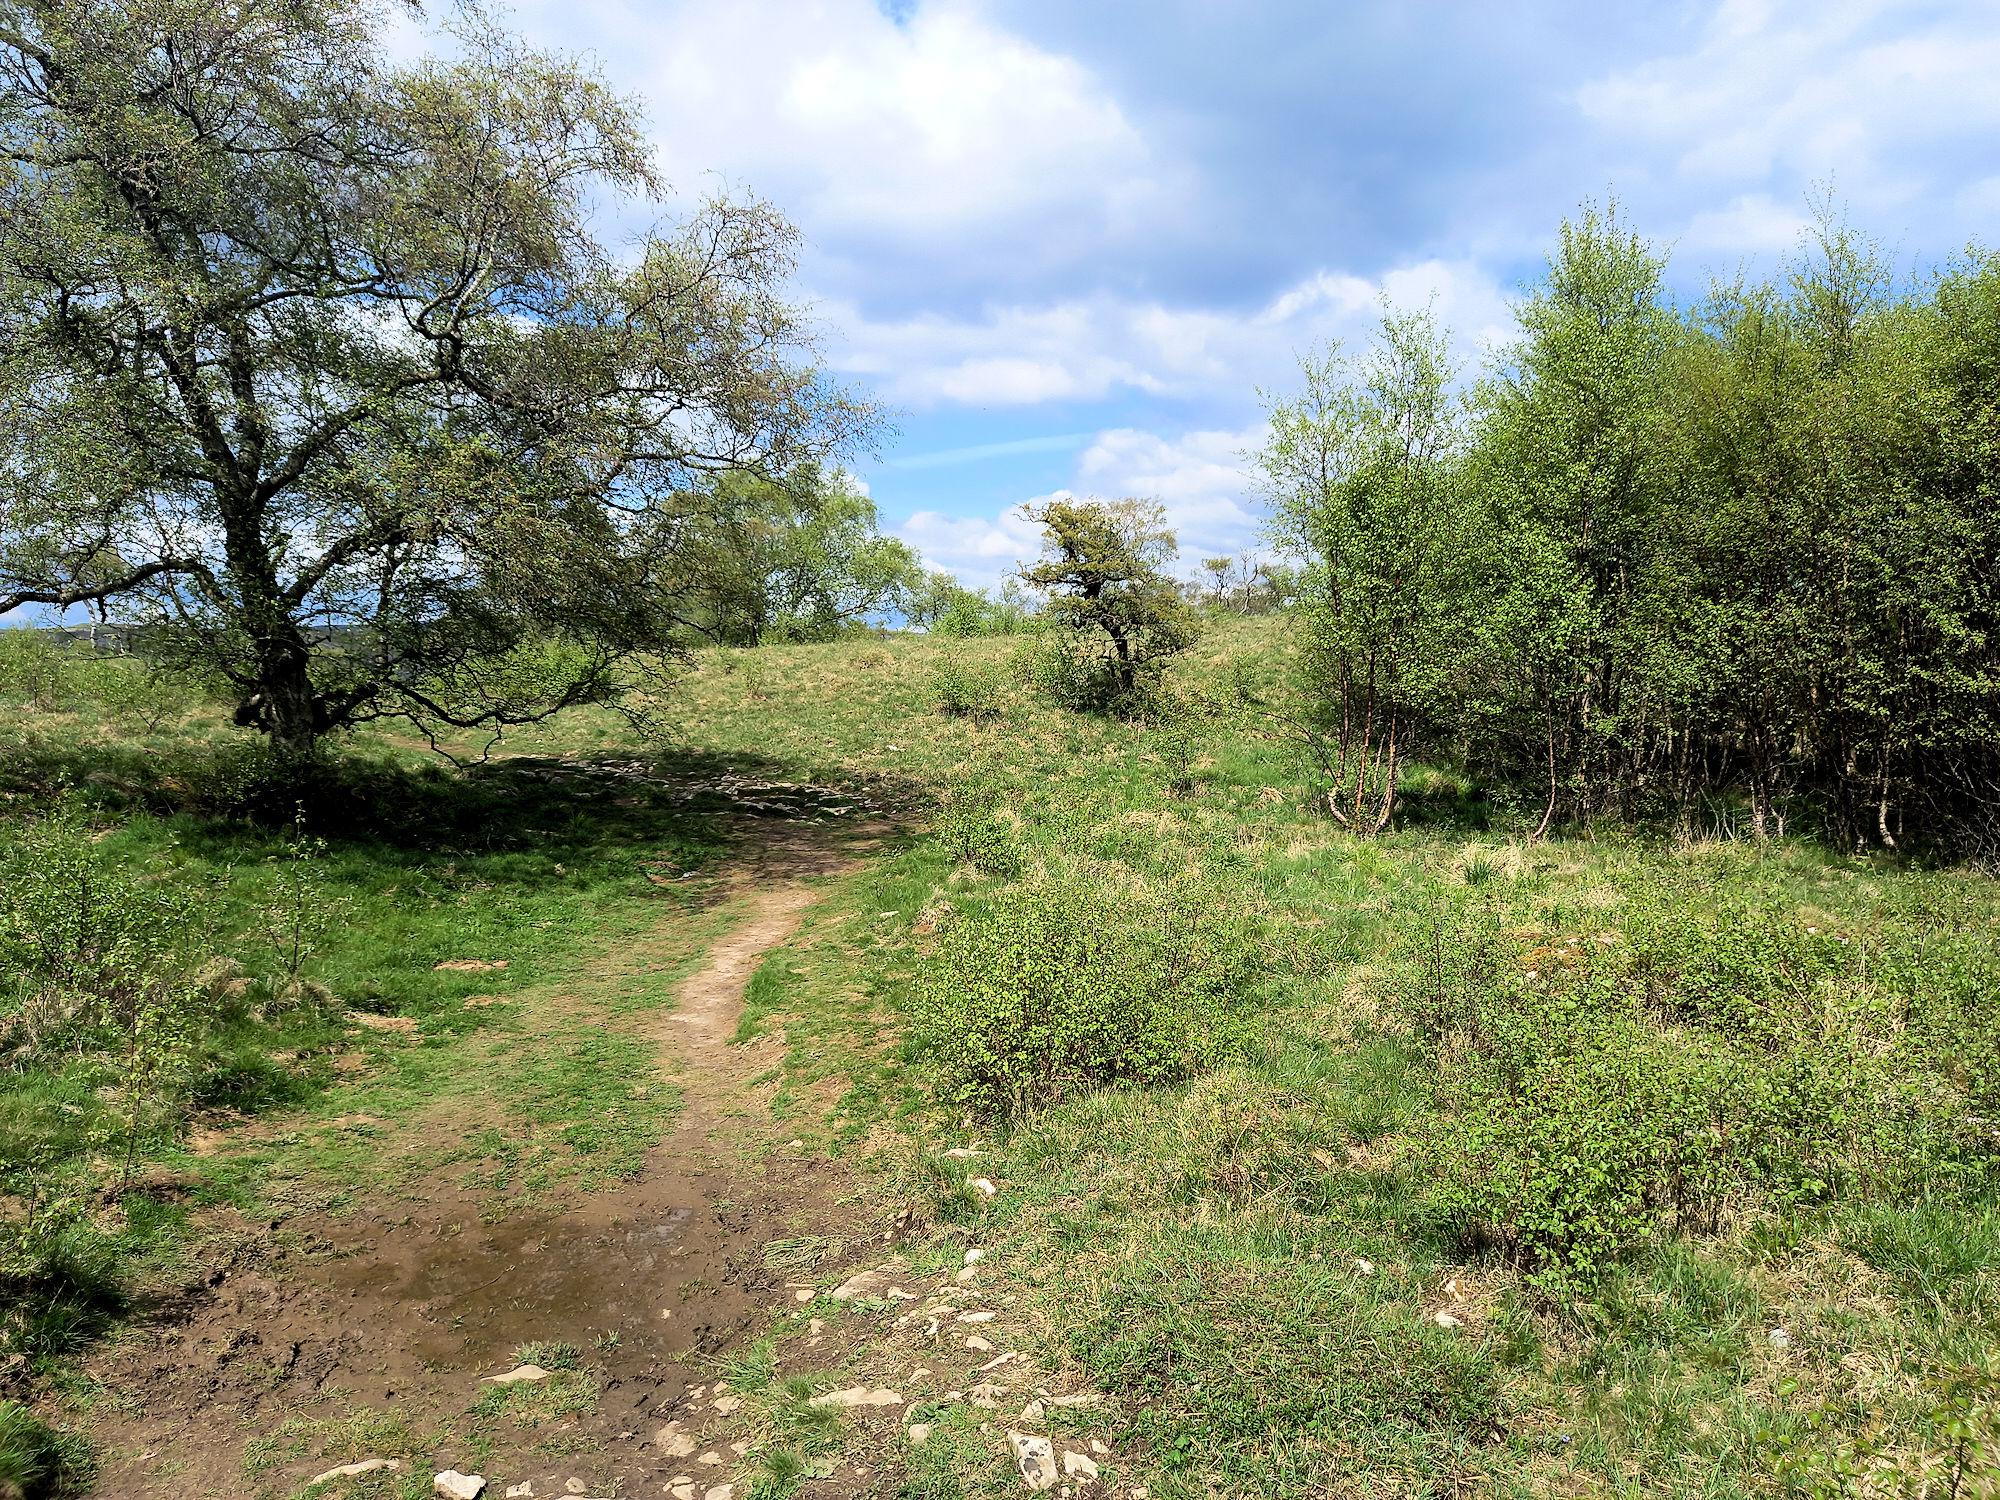 Entering Grass Woods